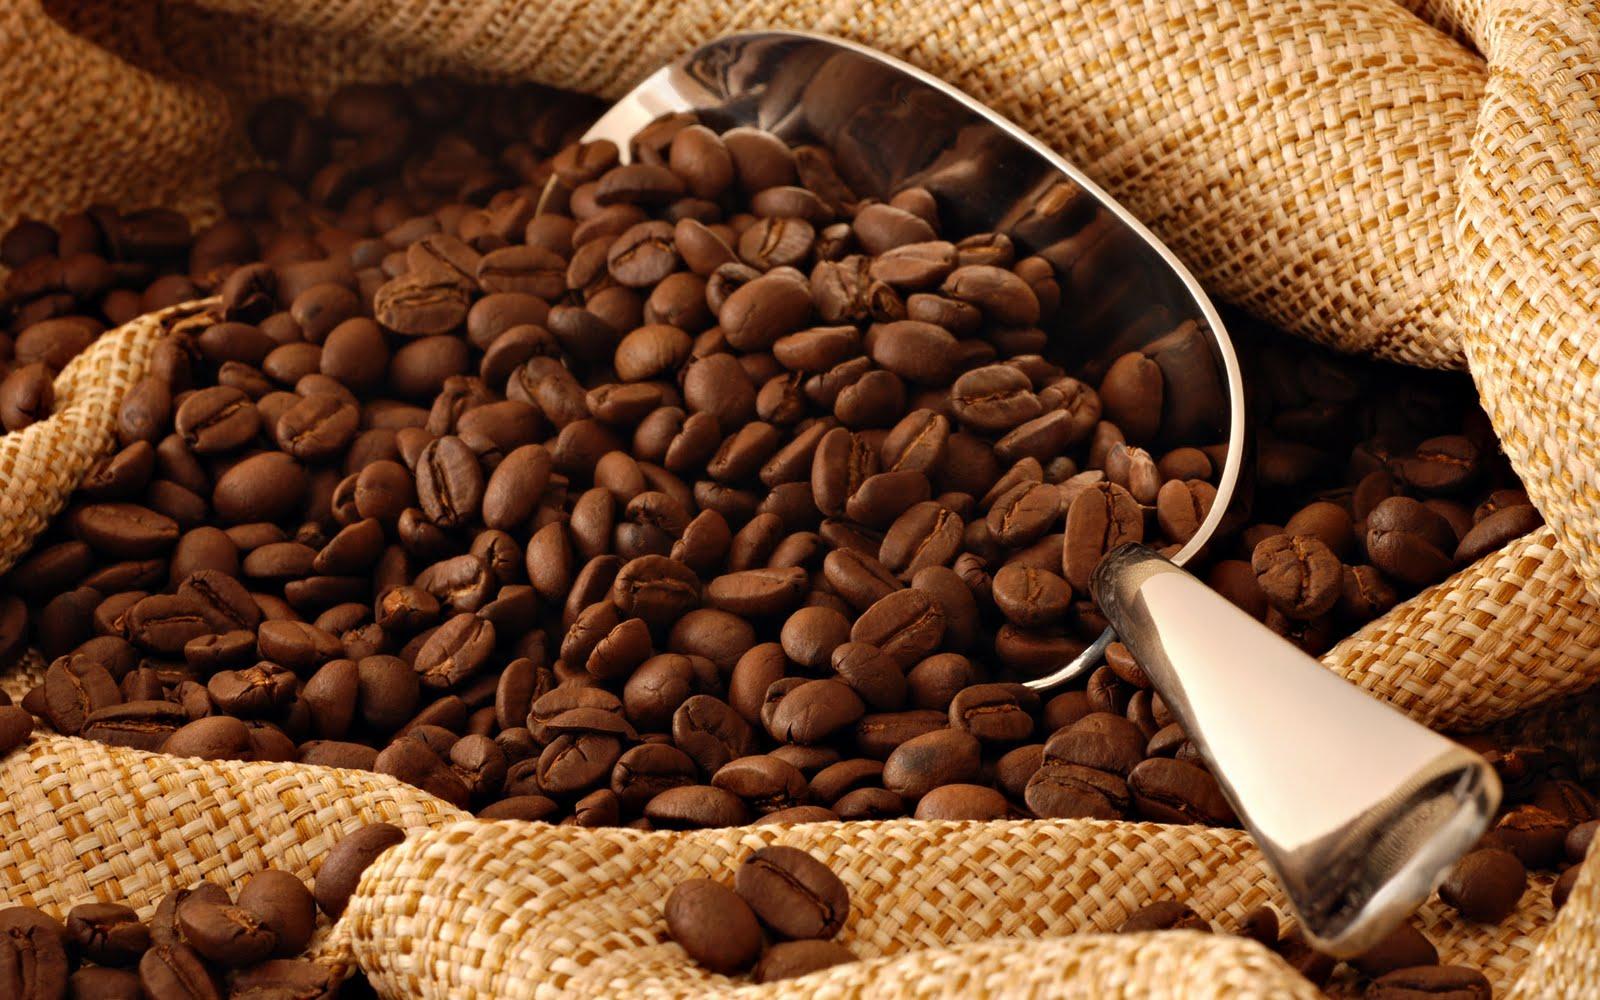 Сбор заказов. Мир наслаждения для гурманов! Элитные сорта кофе, произведенные по авторской технологии, а также большой